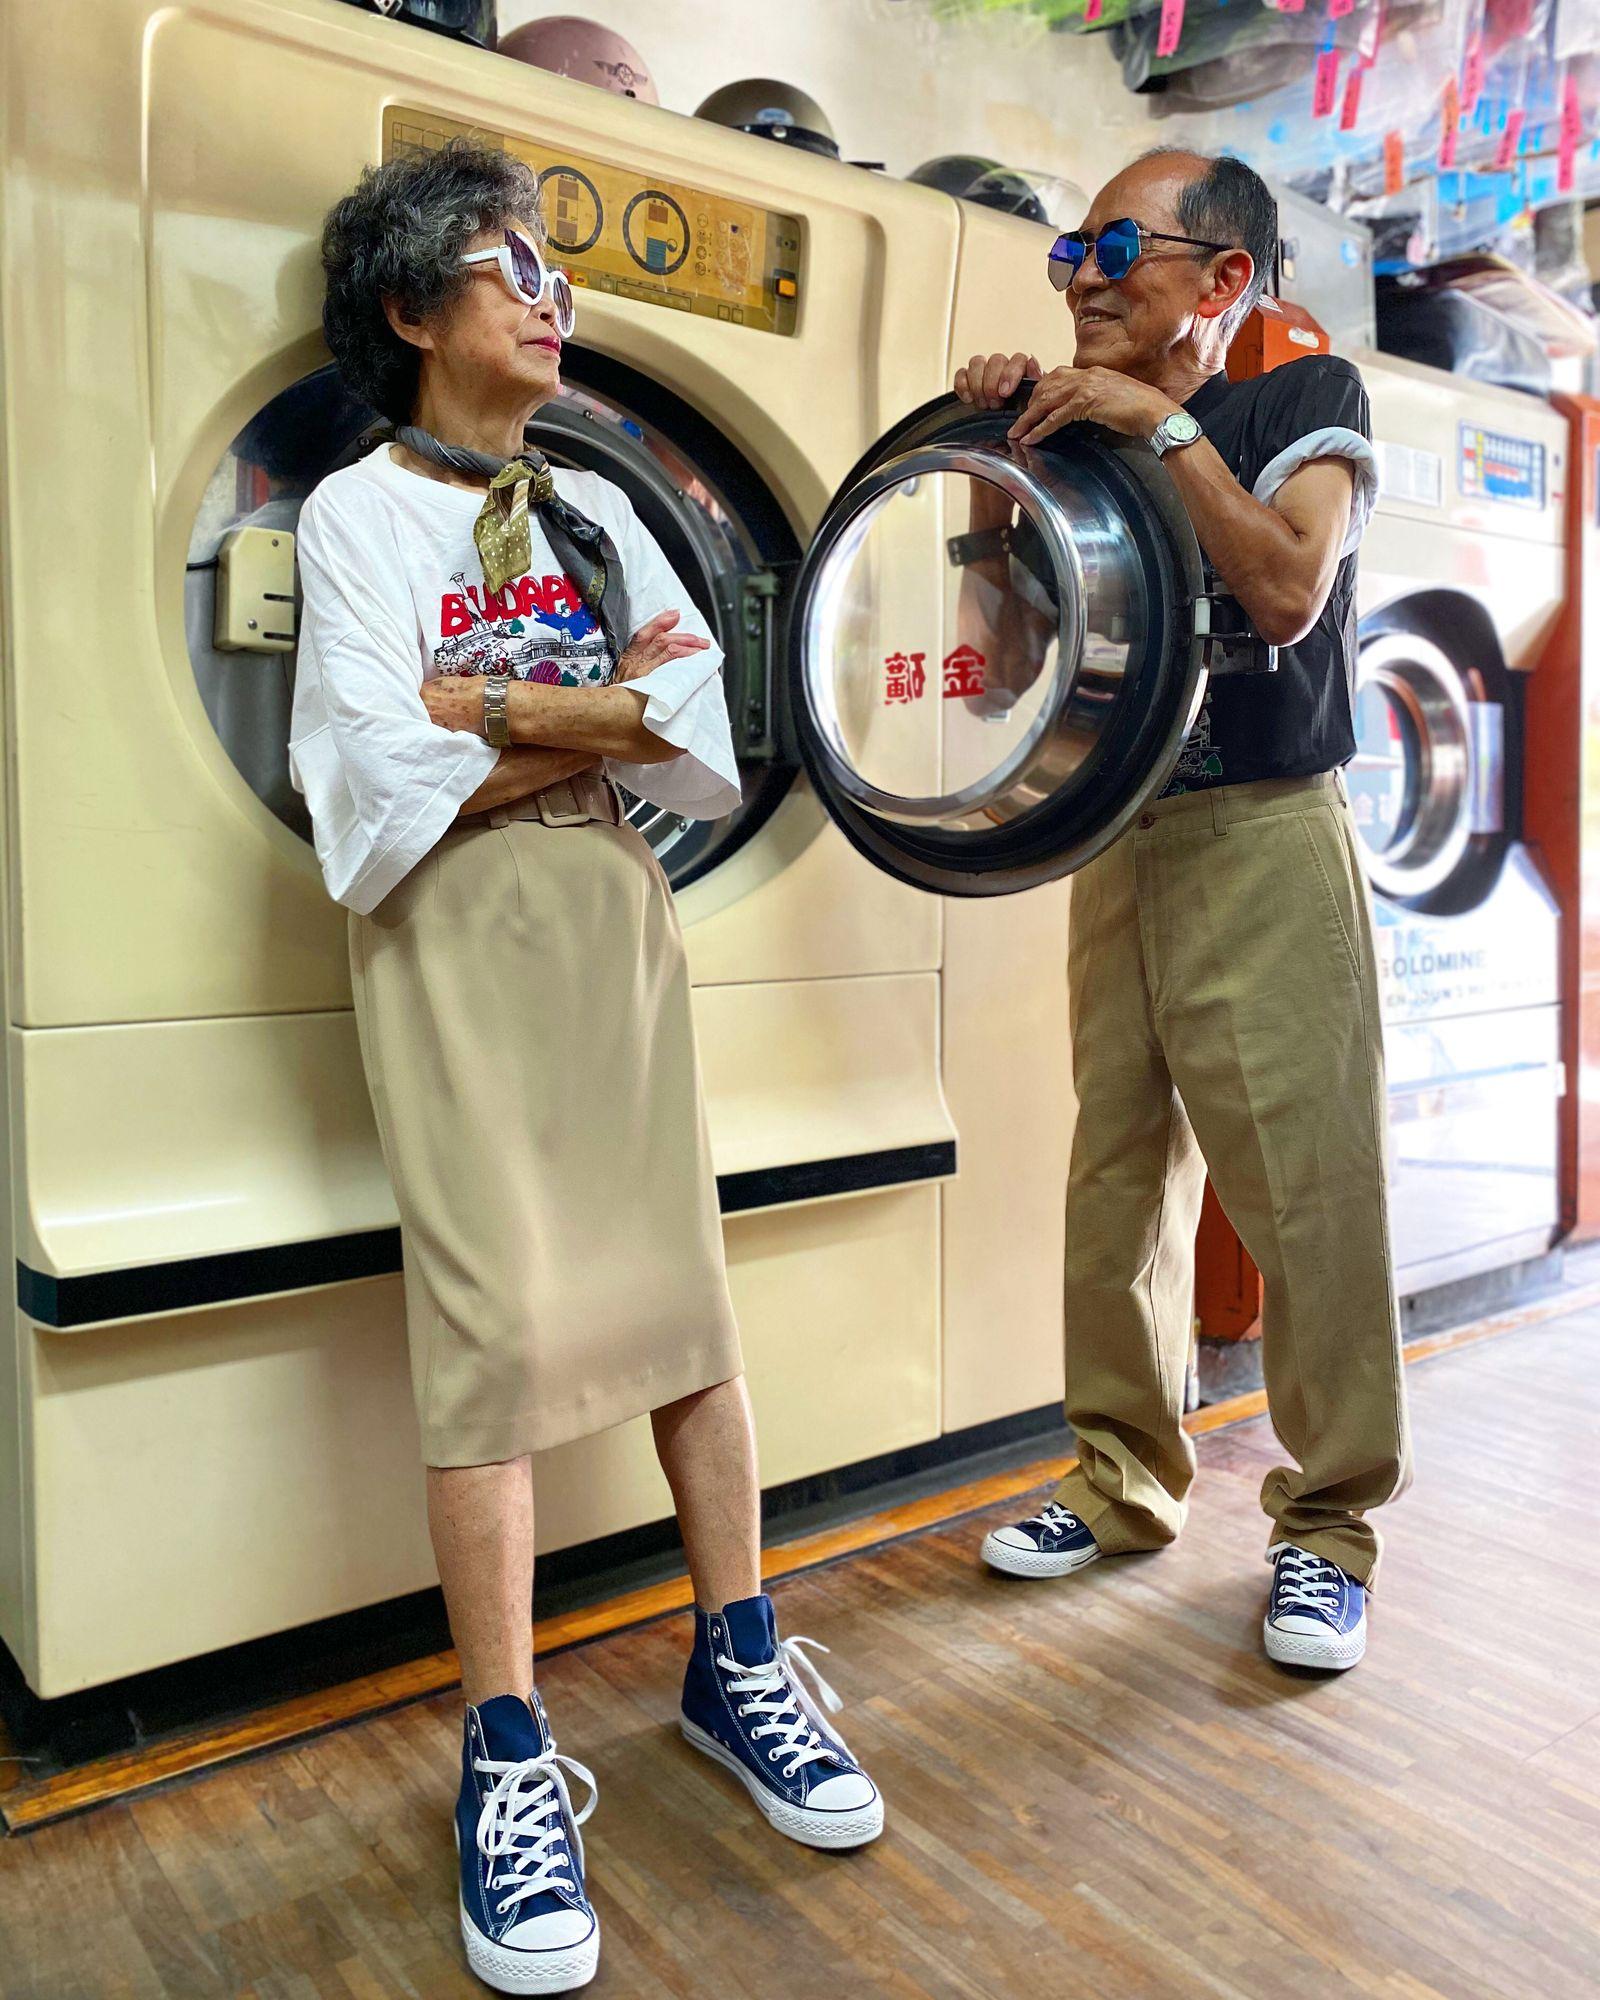 Wäscherei-Inhaber tragen nicht abgeholte Kleidung